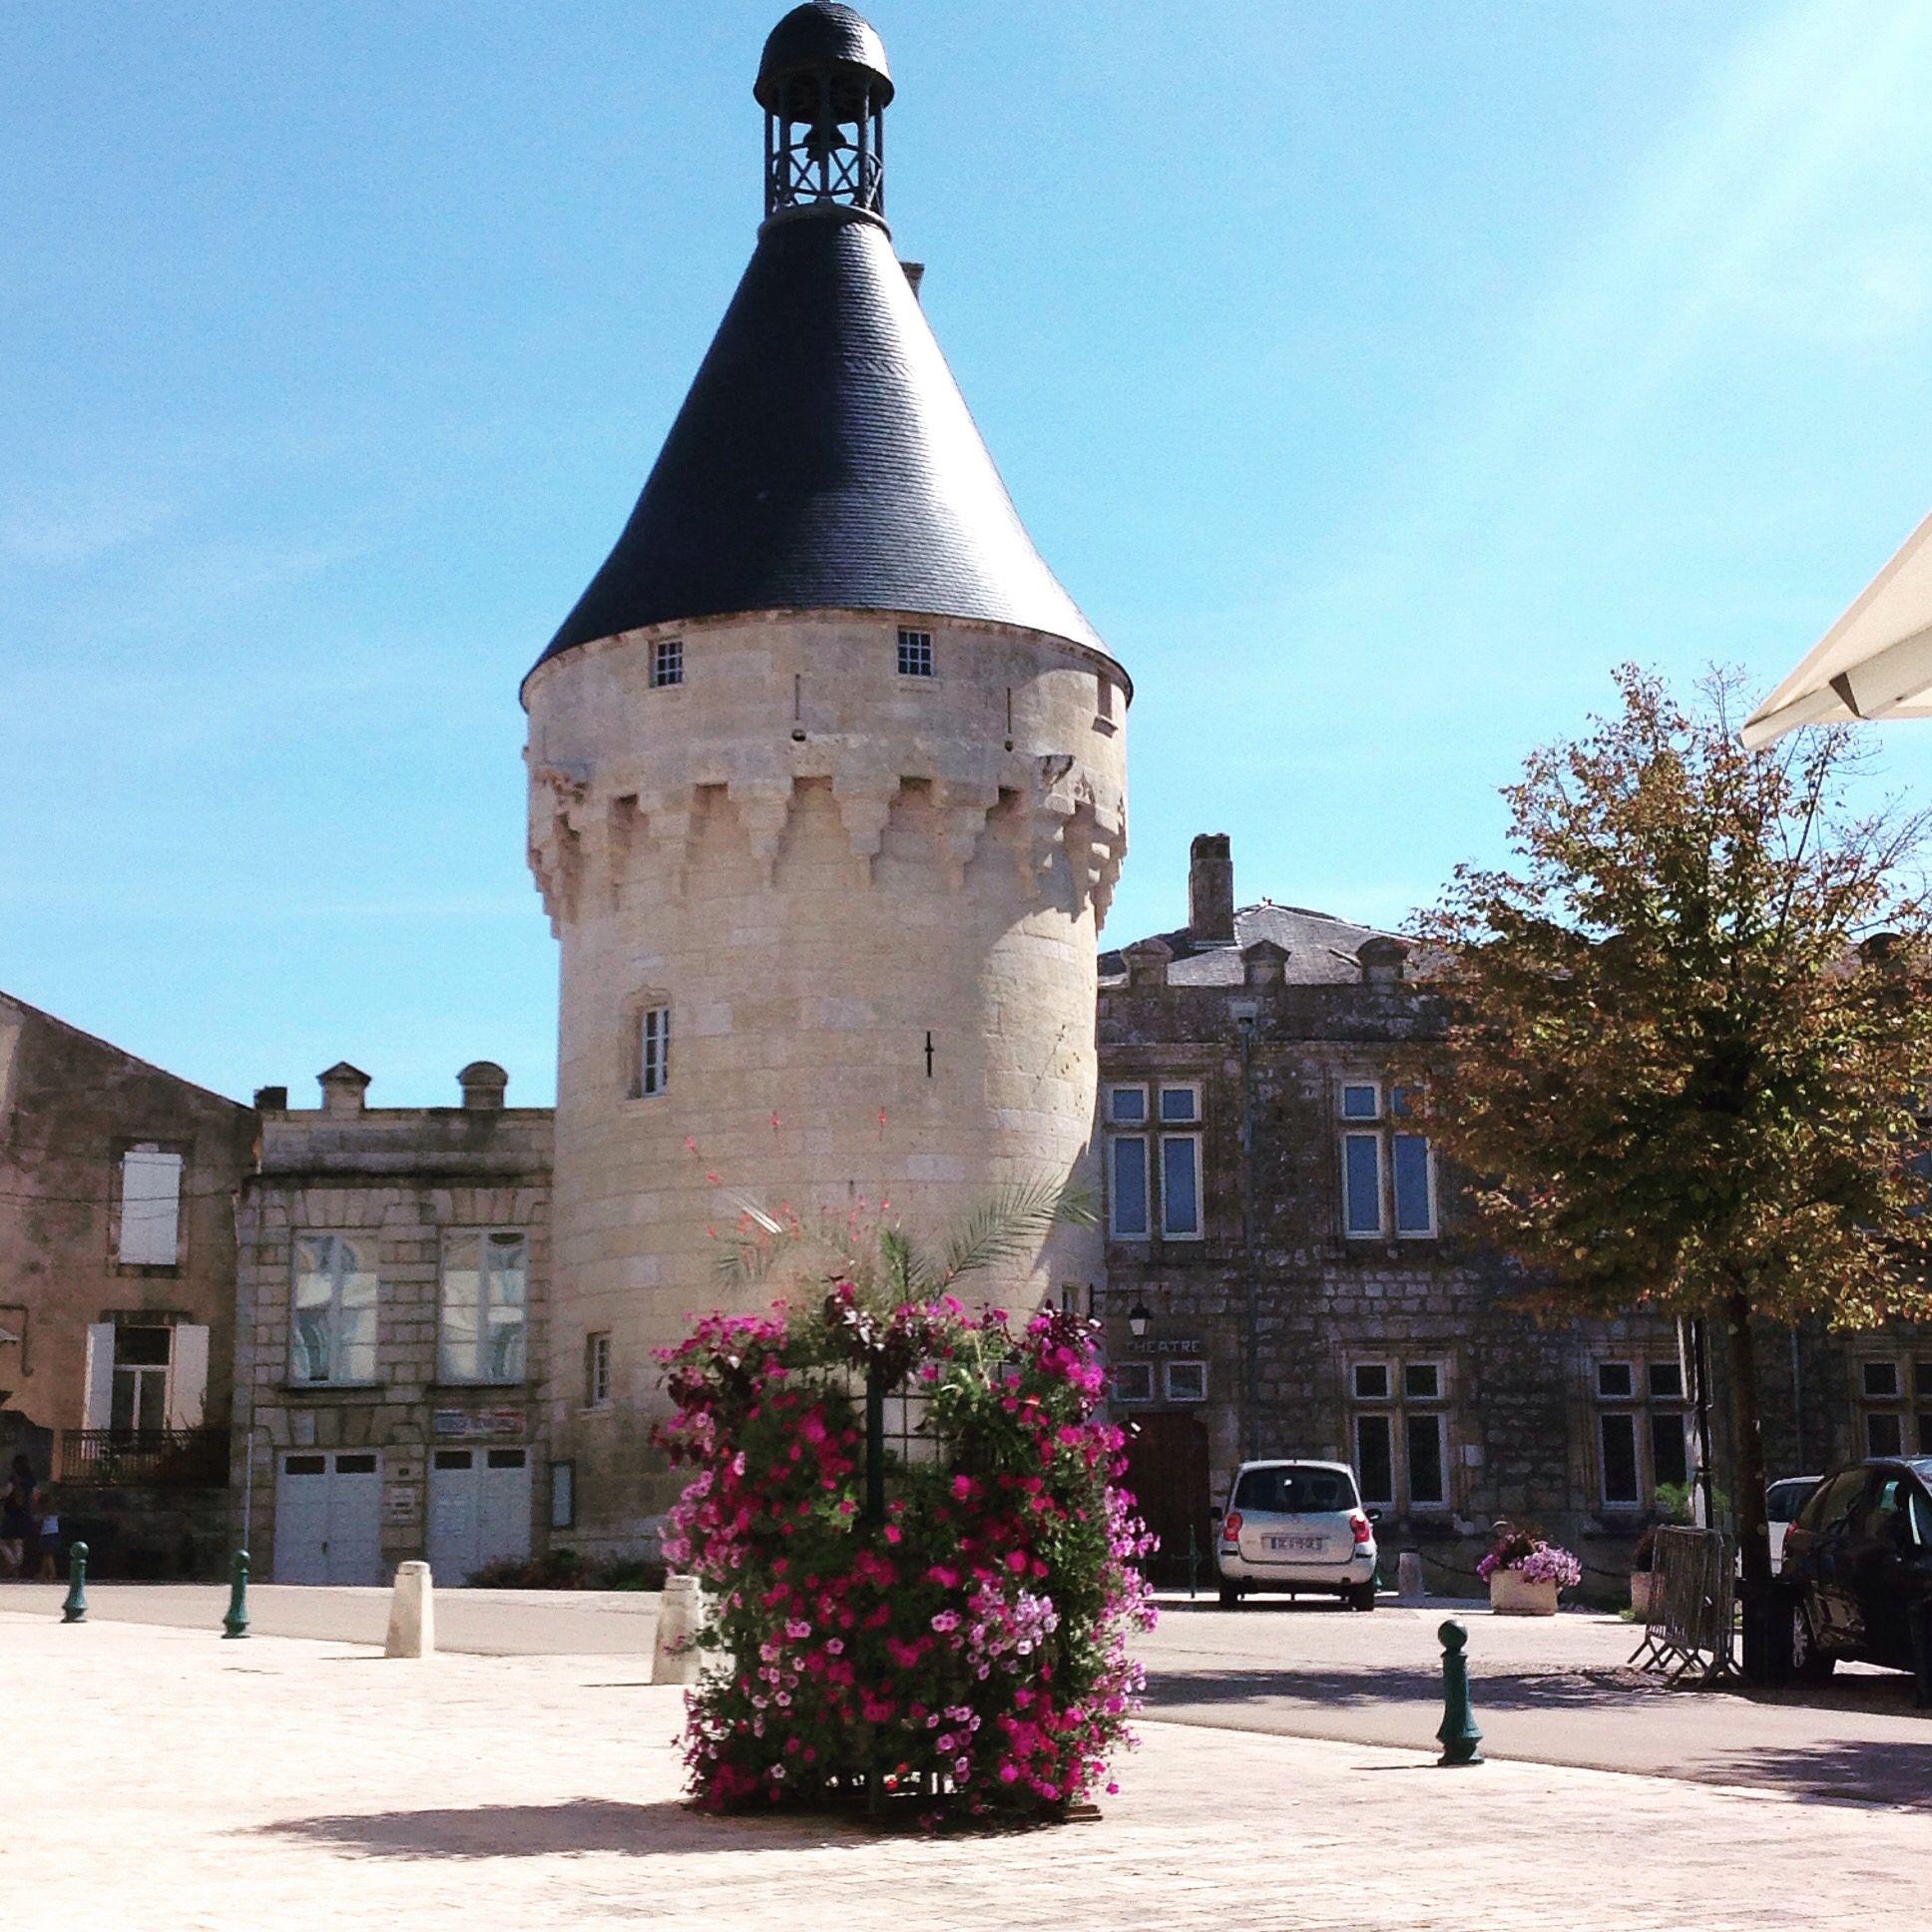 Le donjon du château de Jonzac, en face de l'office de